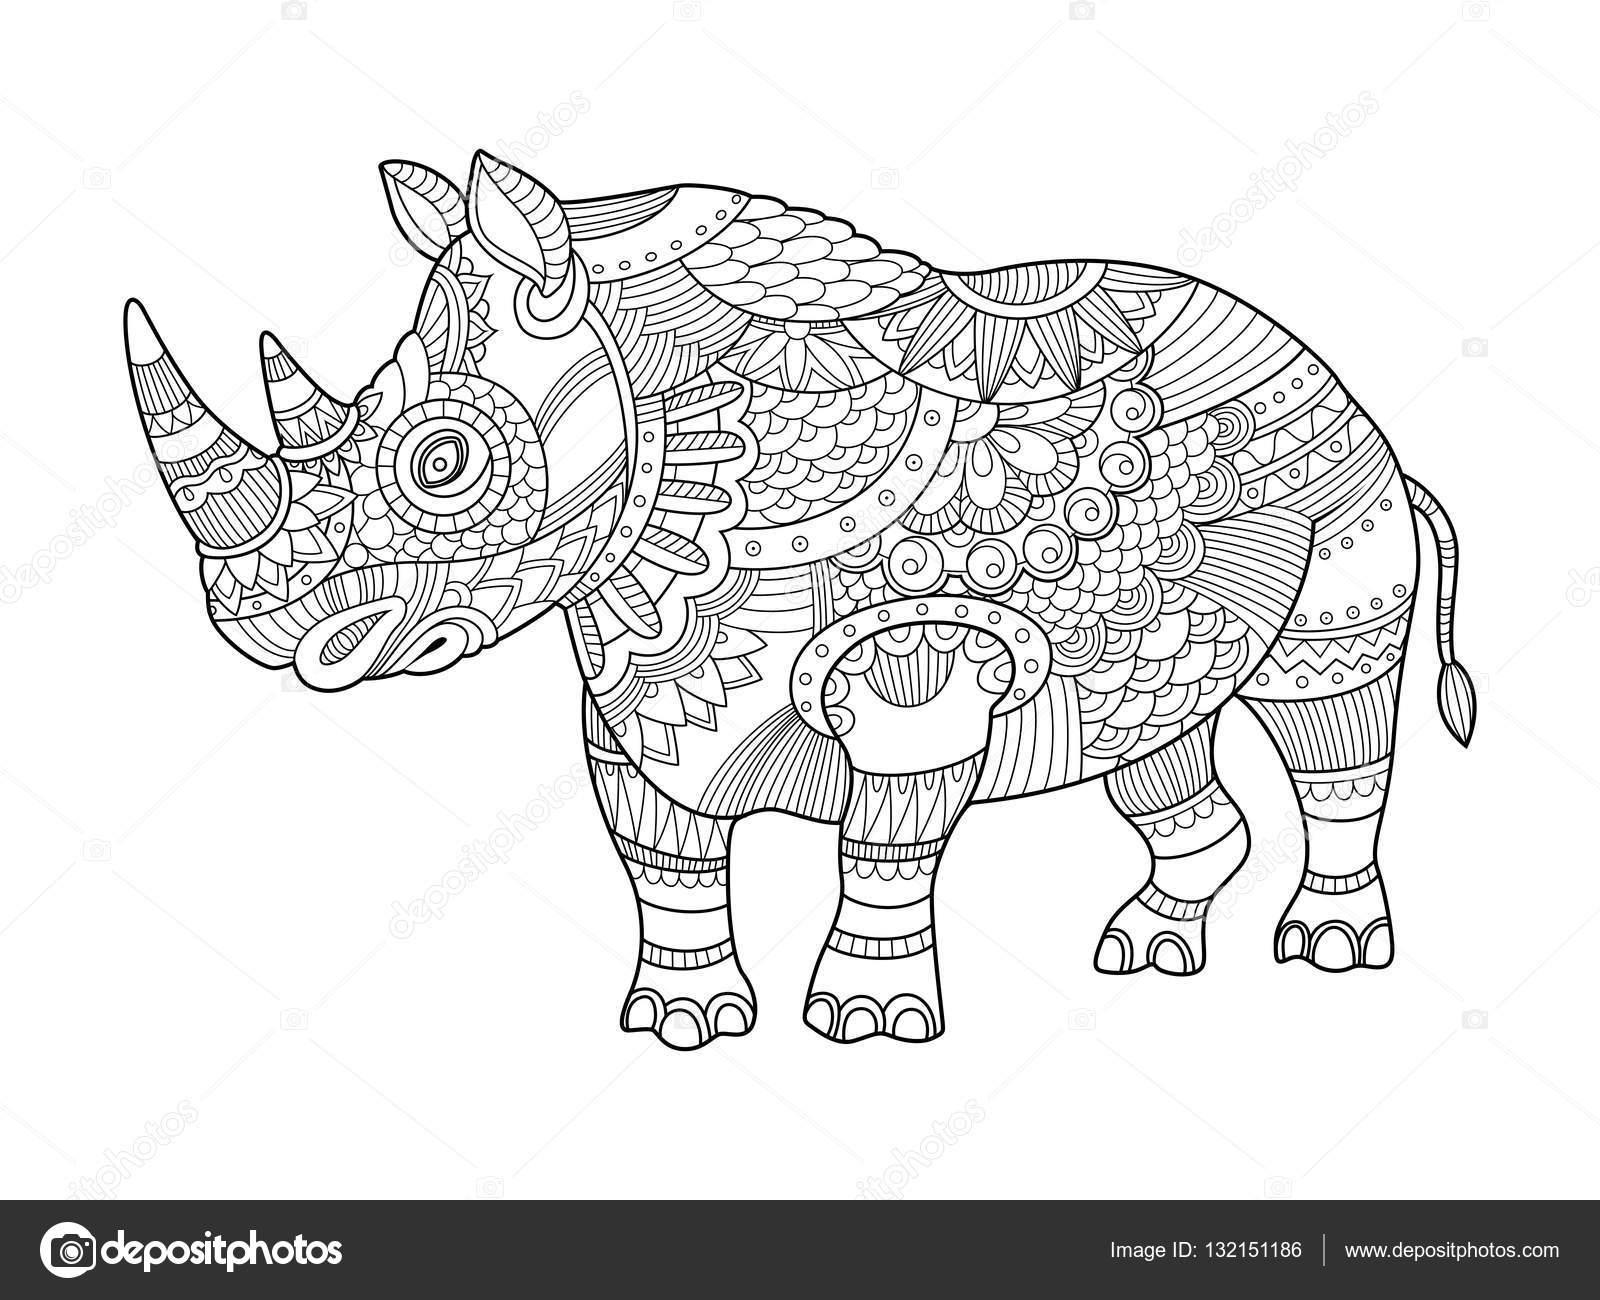 Coloriage En Ligne Rhinoceros.Rhinoceros Coloriages Pour Vecteur Adultes Image